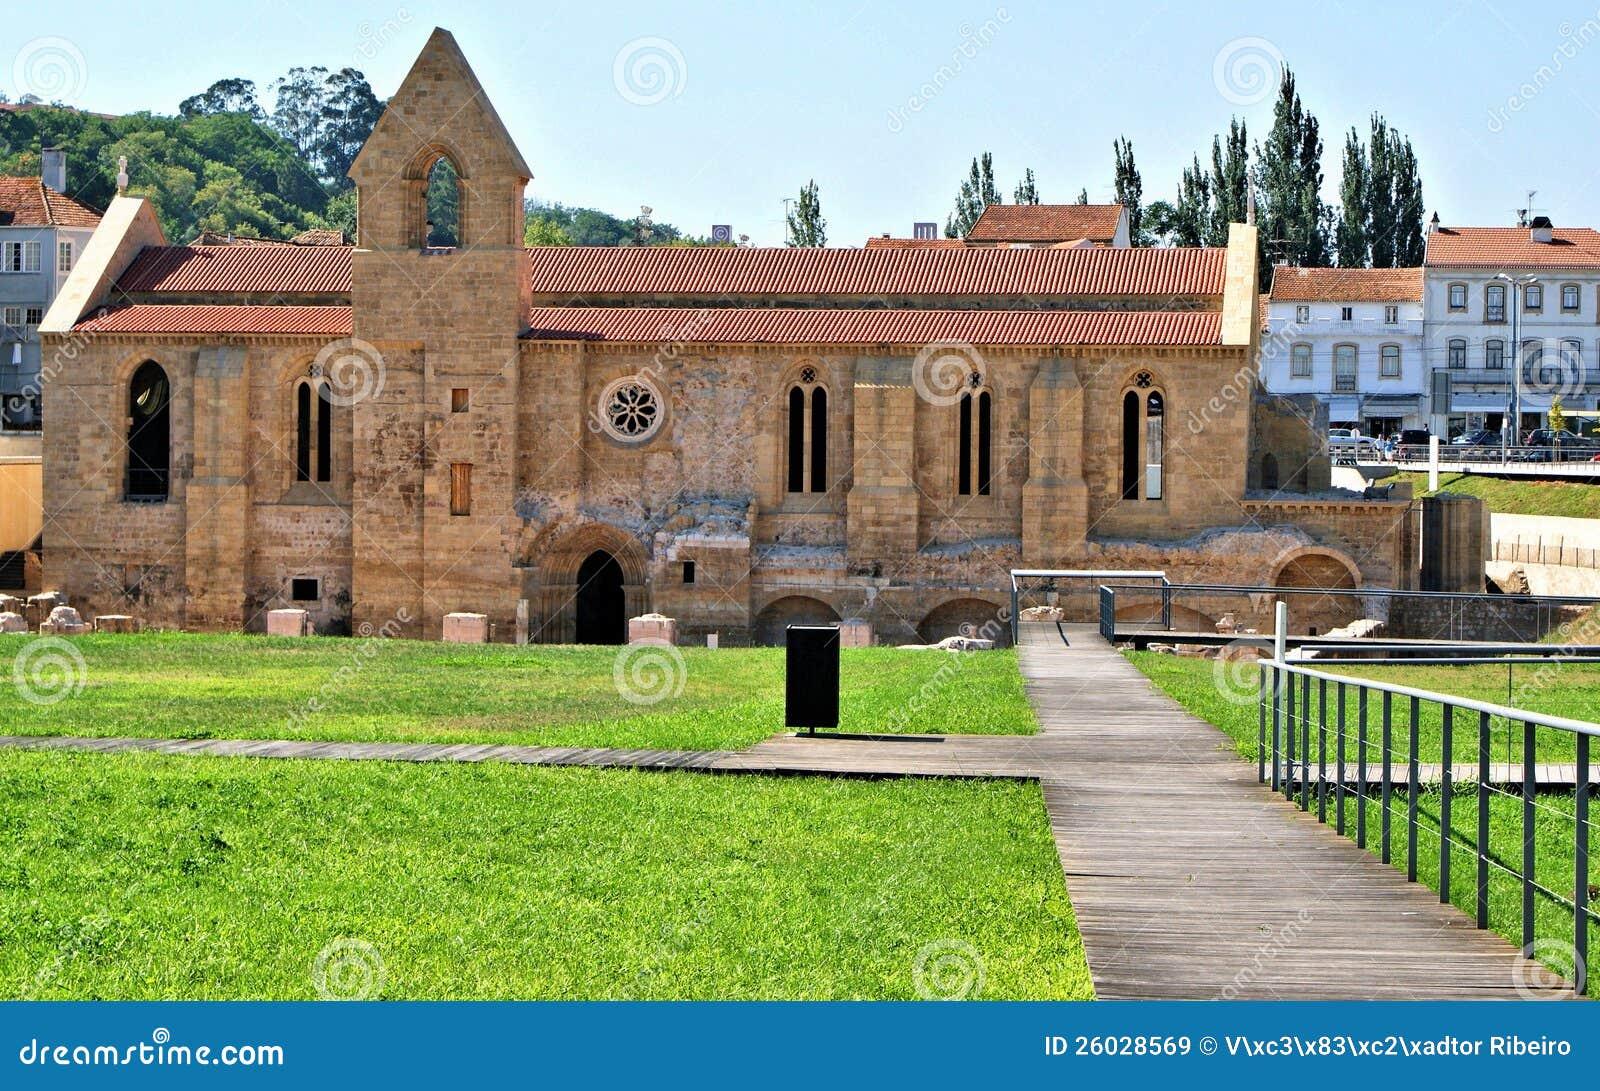 Monastery of Santa Clara Velha in Coimbra